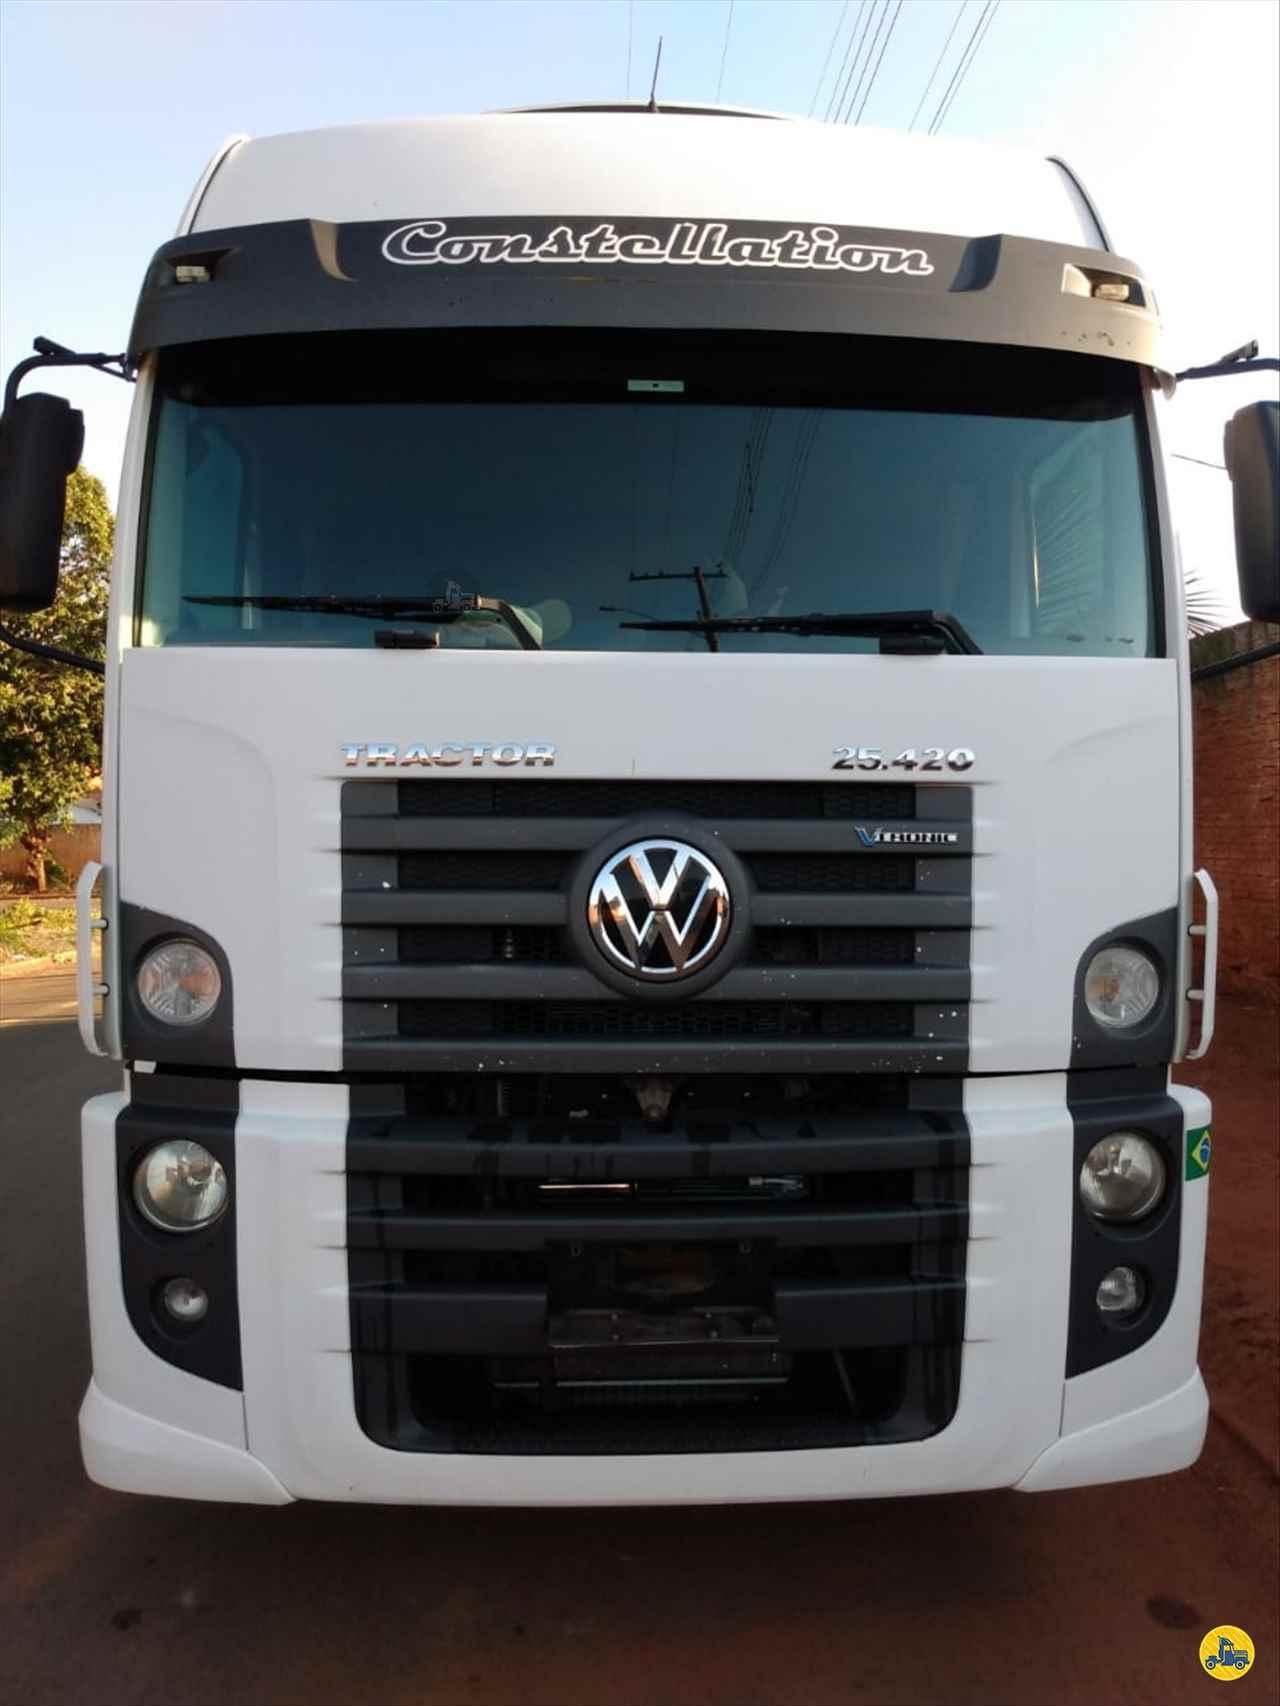 CAMINHAO VOLKSWAGEN VW 25420 Cavalo Mecânico Truck 6x2 Barbosa Caminhões LINS SÃO PAULO SP